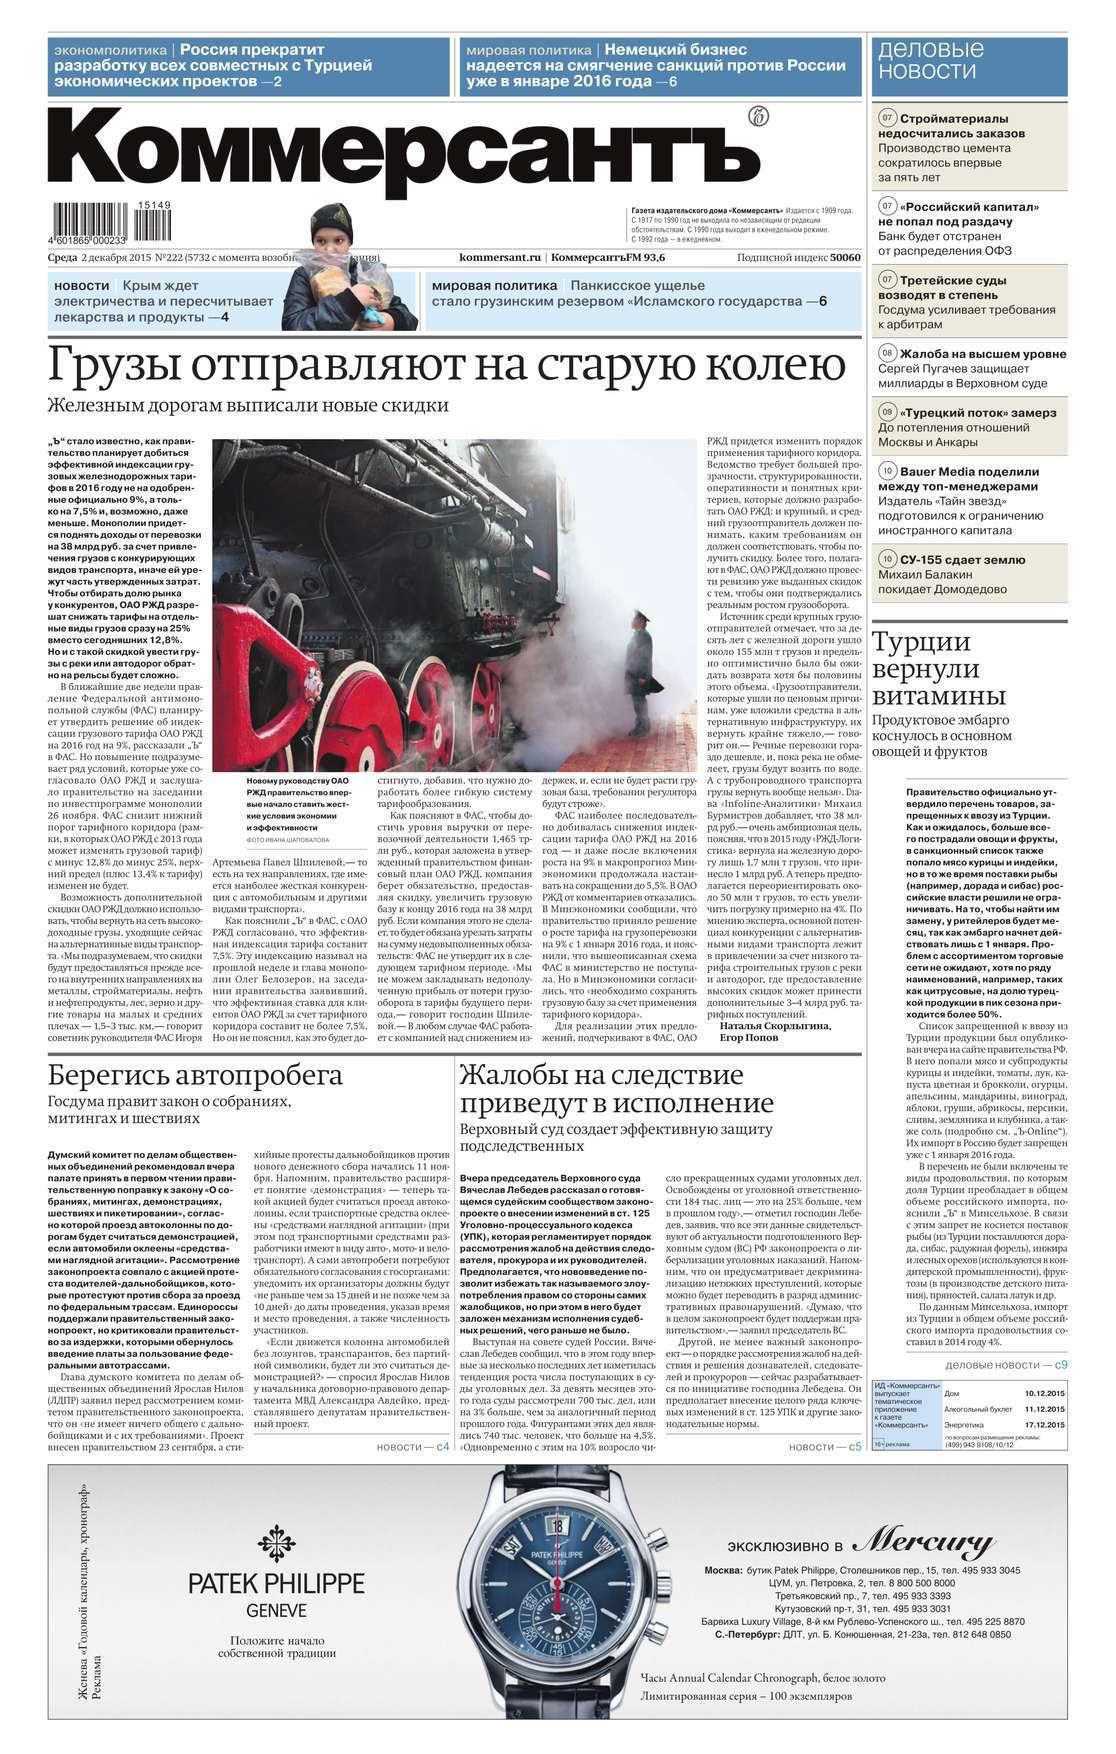 Скачать КоммерсантЪ 222-2015 бесплатно Редакция газеты КоммерсантЪ